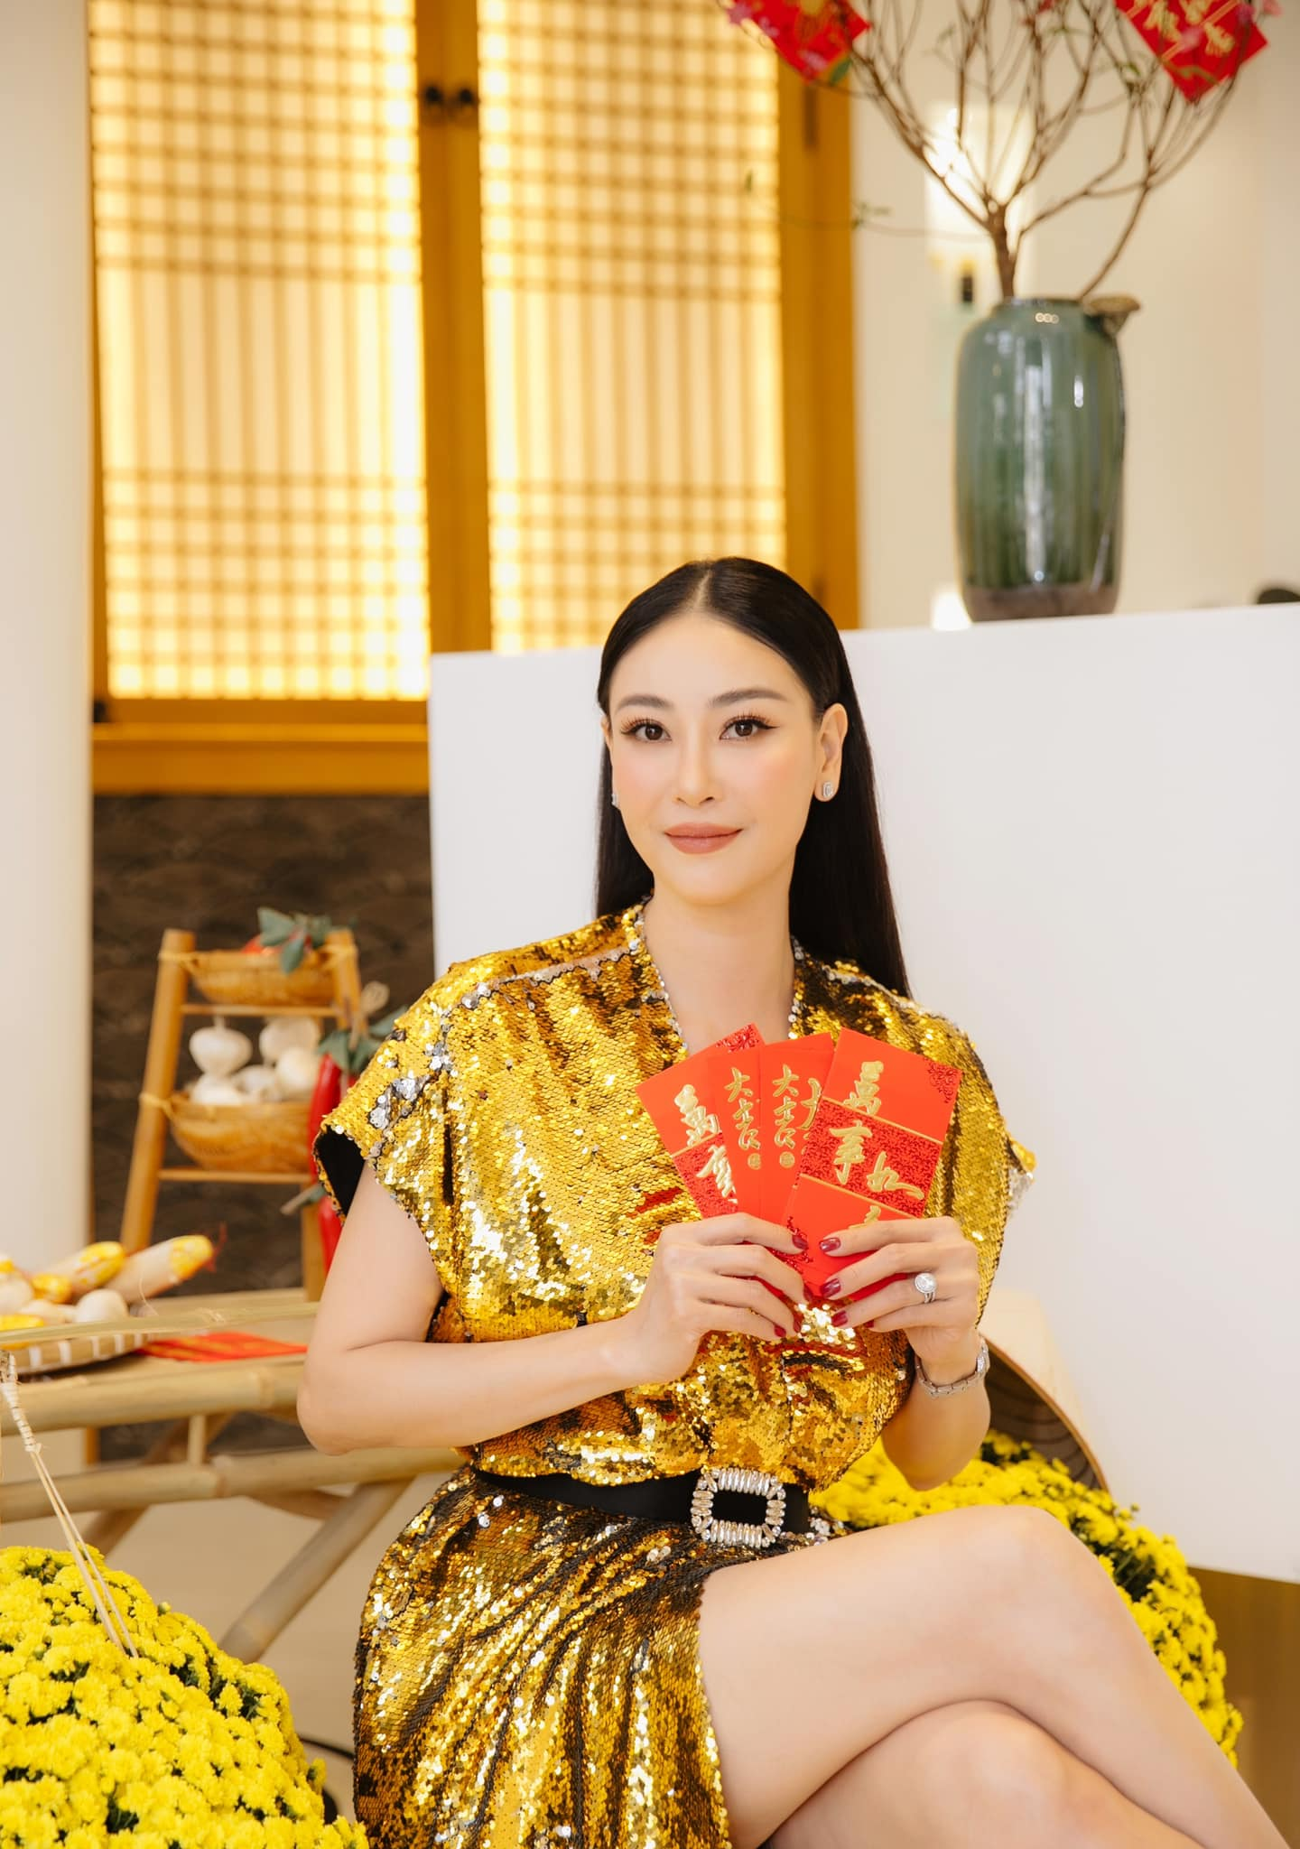 Hoa hậu Tiểu Vy khoe ảnh mẹ diện áo dài ngày mùng 1 Tết, fans trầm trồ vì nhan sắc trẻ đẹp ảnh 20